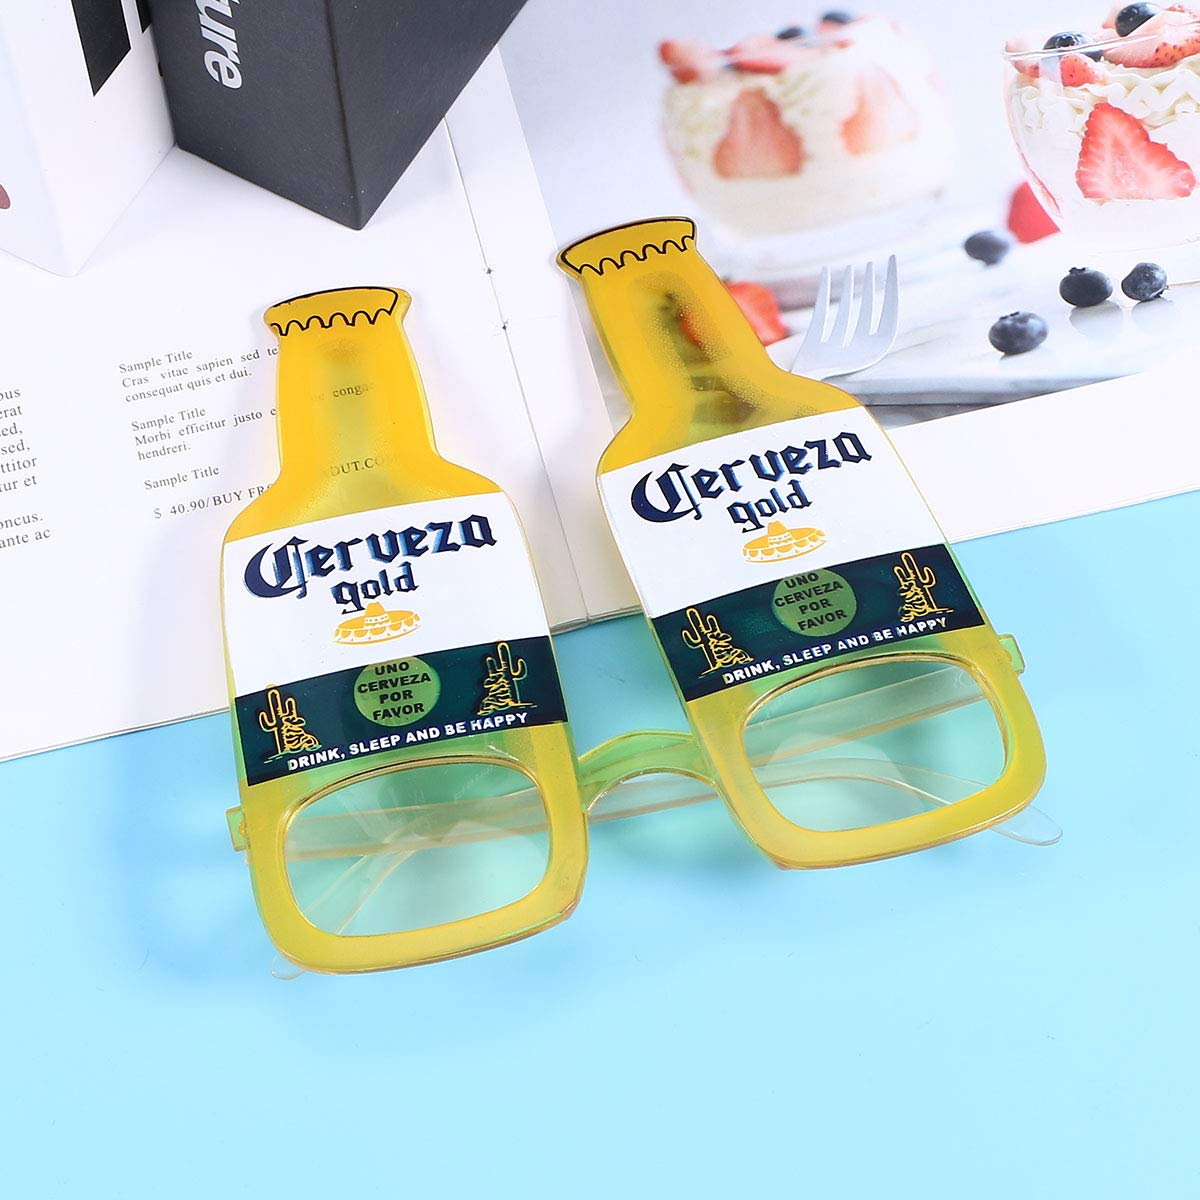 Amosfun Bierflasche Form Sonnenbrille Hawaiian Eyewear Party Sonnenbrille Photo Booth Requisiten gelb